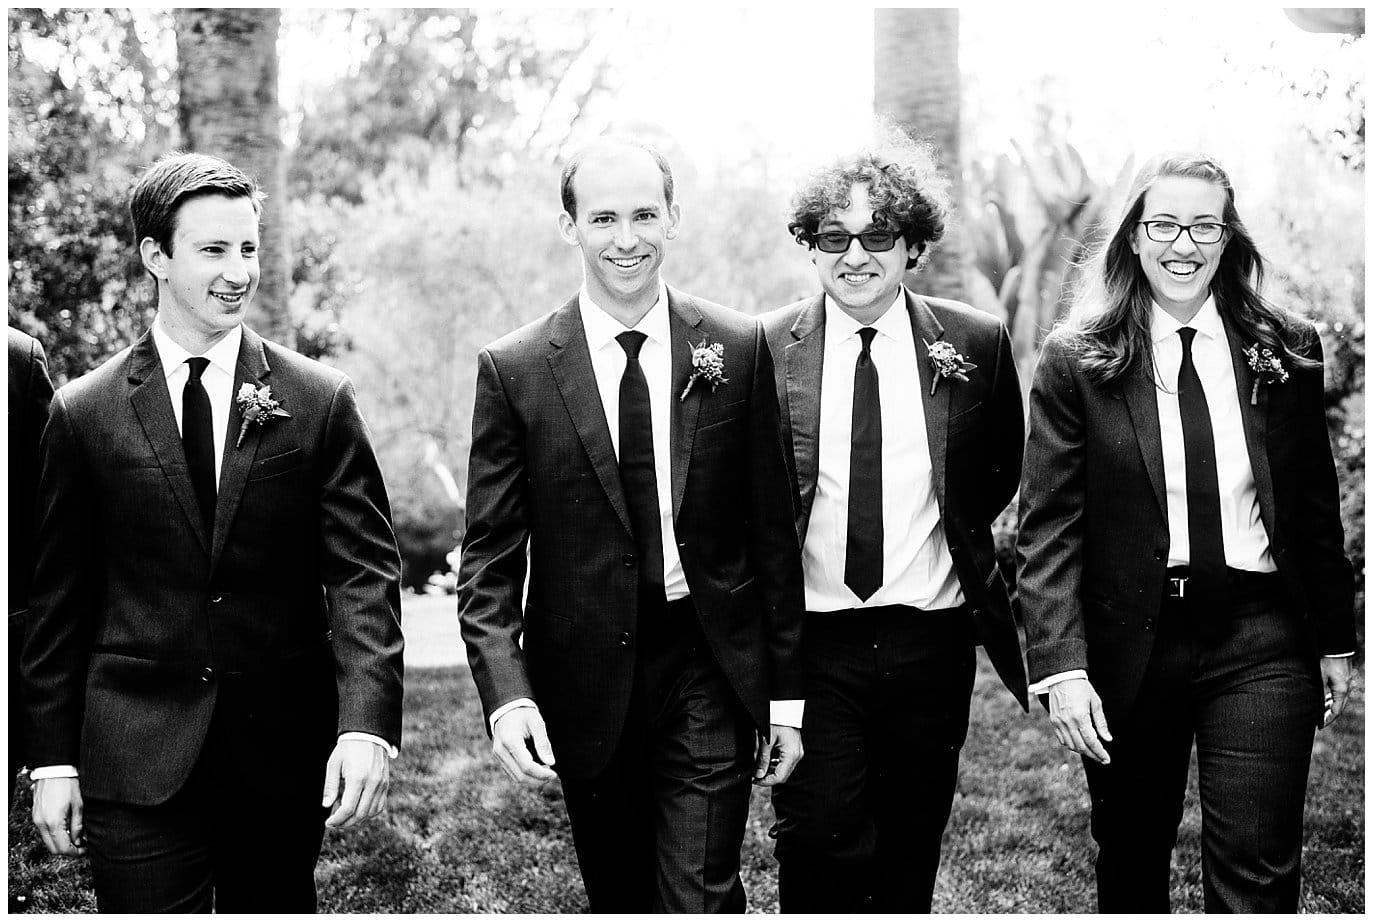 San Diego groomsmen photo